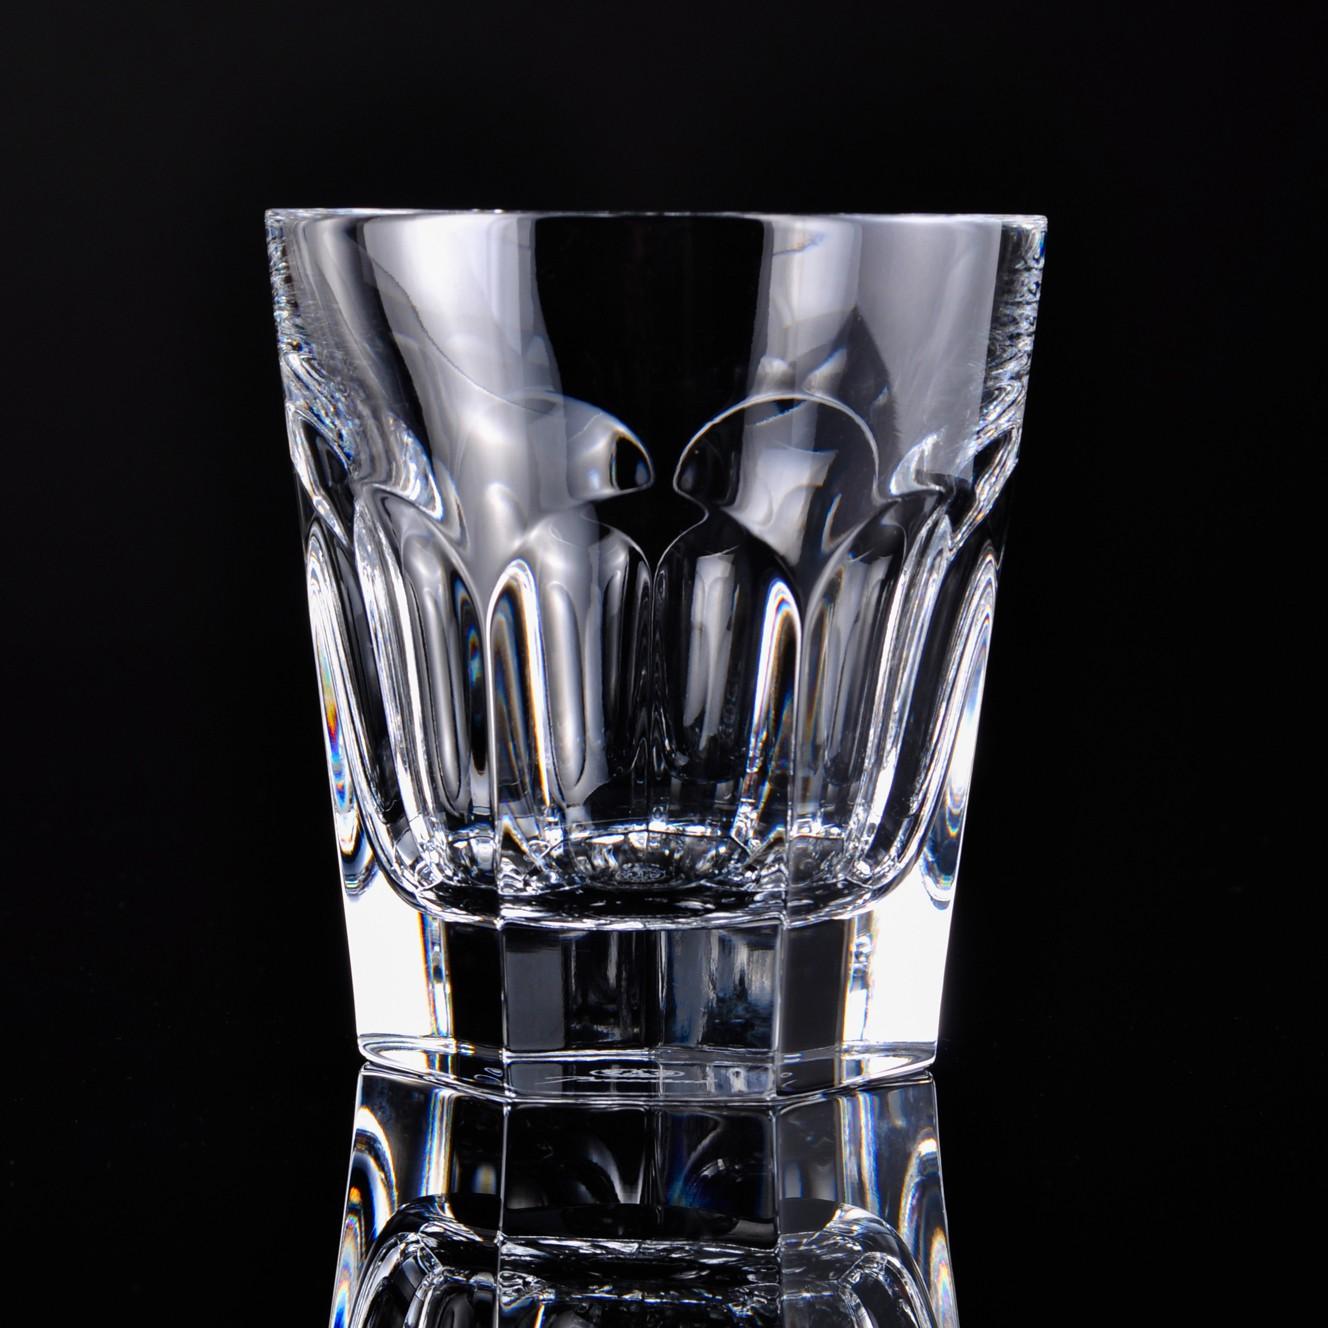 バカラ アルクール オールドファッションドグラス